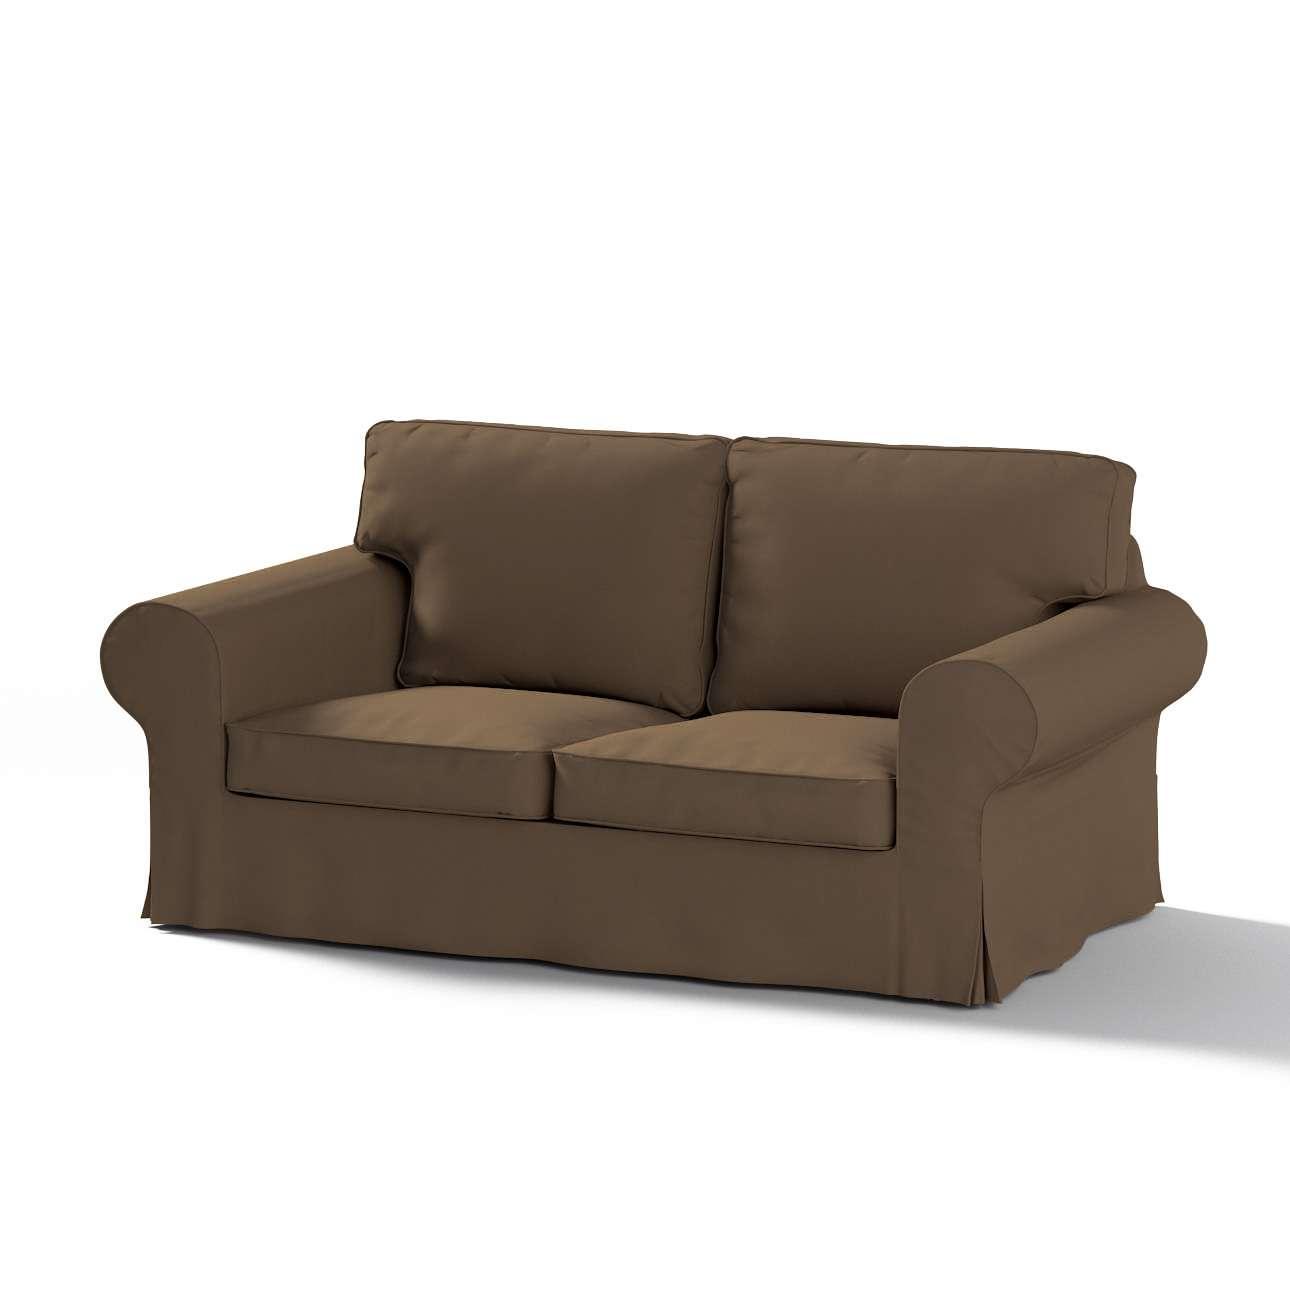 Potah na pohovku IKEA Ektorp 2-místná rozkládací  NOVÝ MODEL 2012 Ektorp 2012 v kolekci Cotton Panama, látka: 702-02